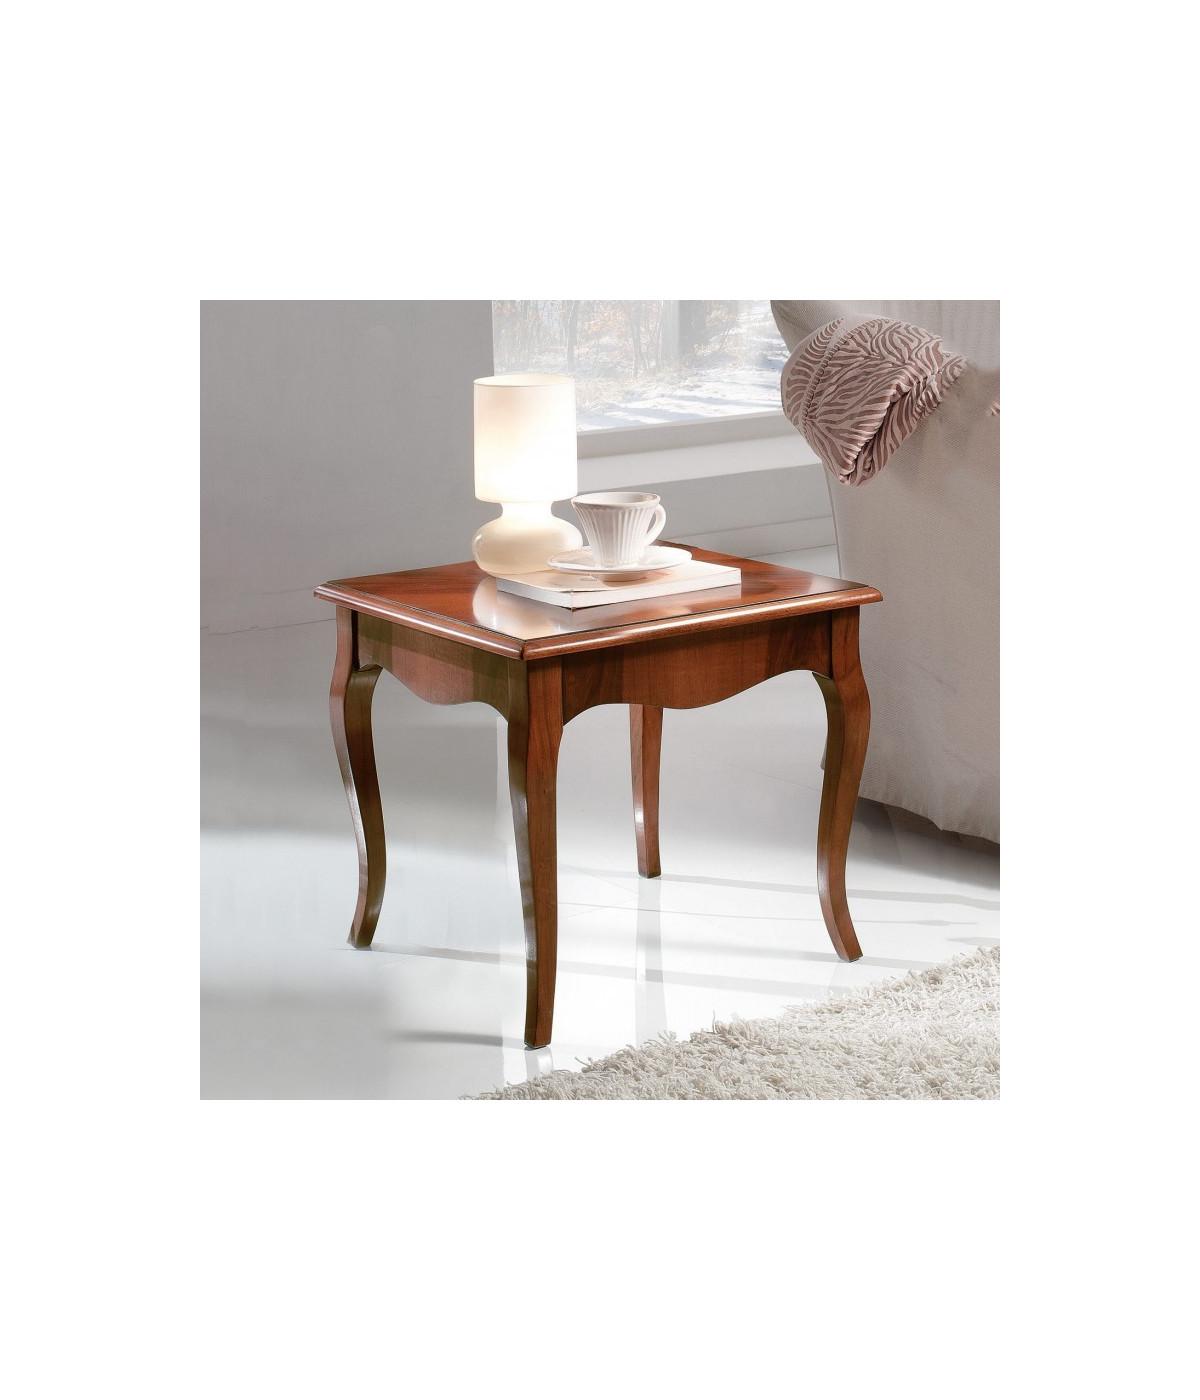 Tavolino In Legno Massello Tinta Noce Intarsiato Misura L 50 P 50 H 45